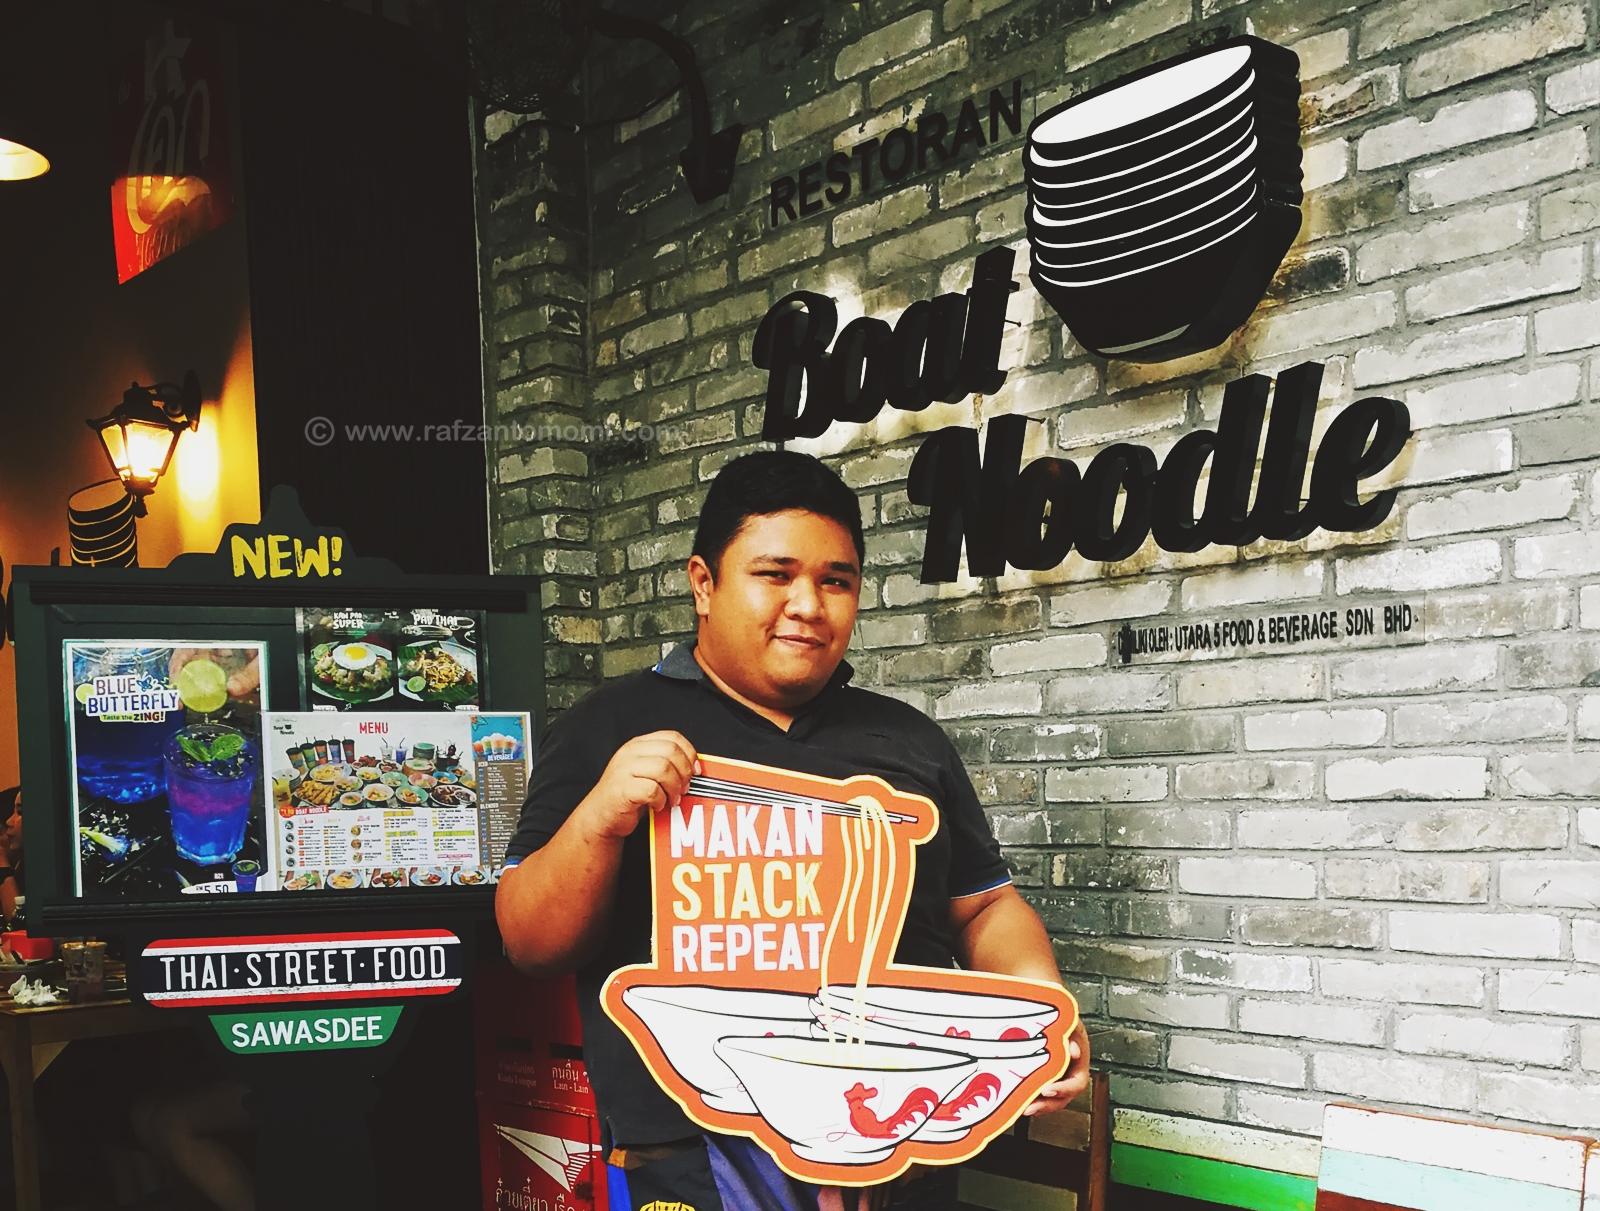 Boat Noodle Perkenalkan Menu Terhad Sehingga Penghujung Februari 2018 !